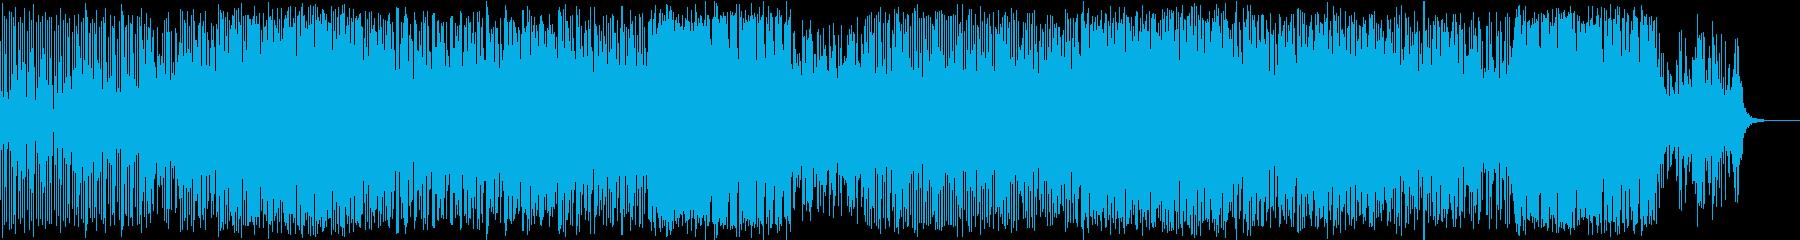 雰囲気のあるエレクトロニカの再生済みの波形